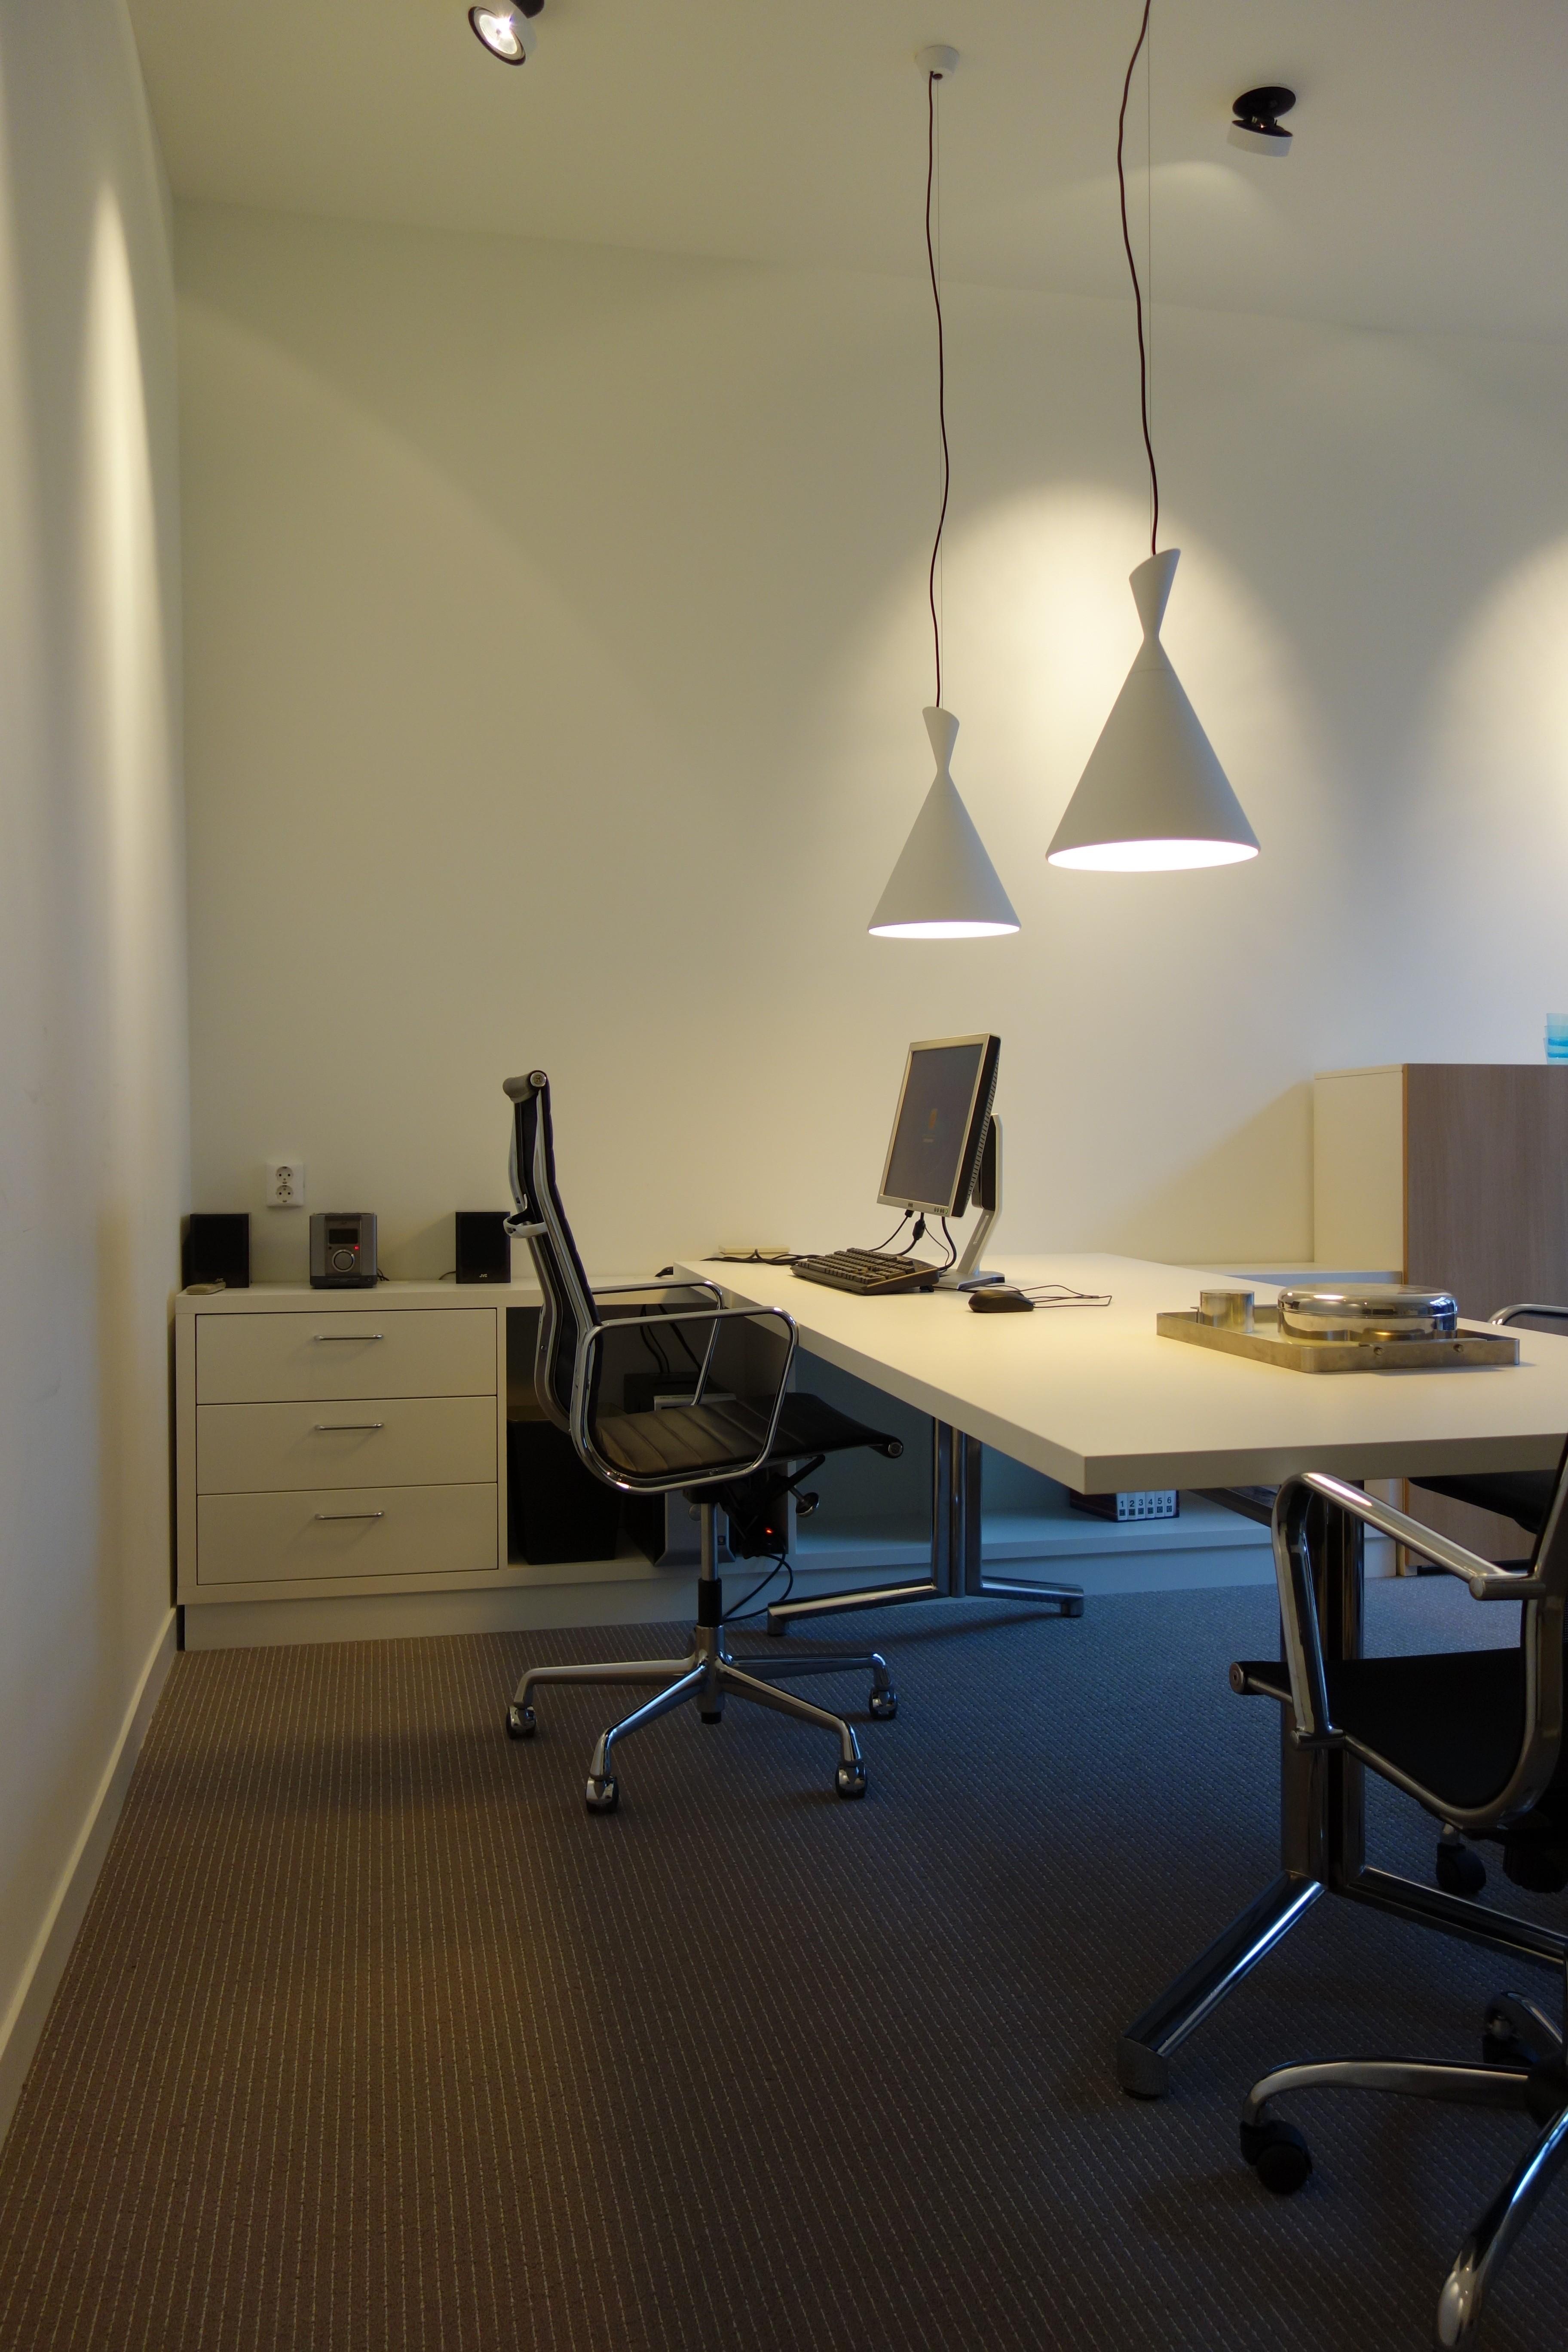 Interieur kantoor architect assseninbedrijf interieur for Kantoor architect